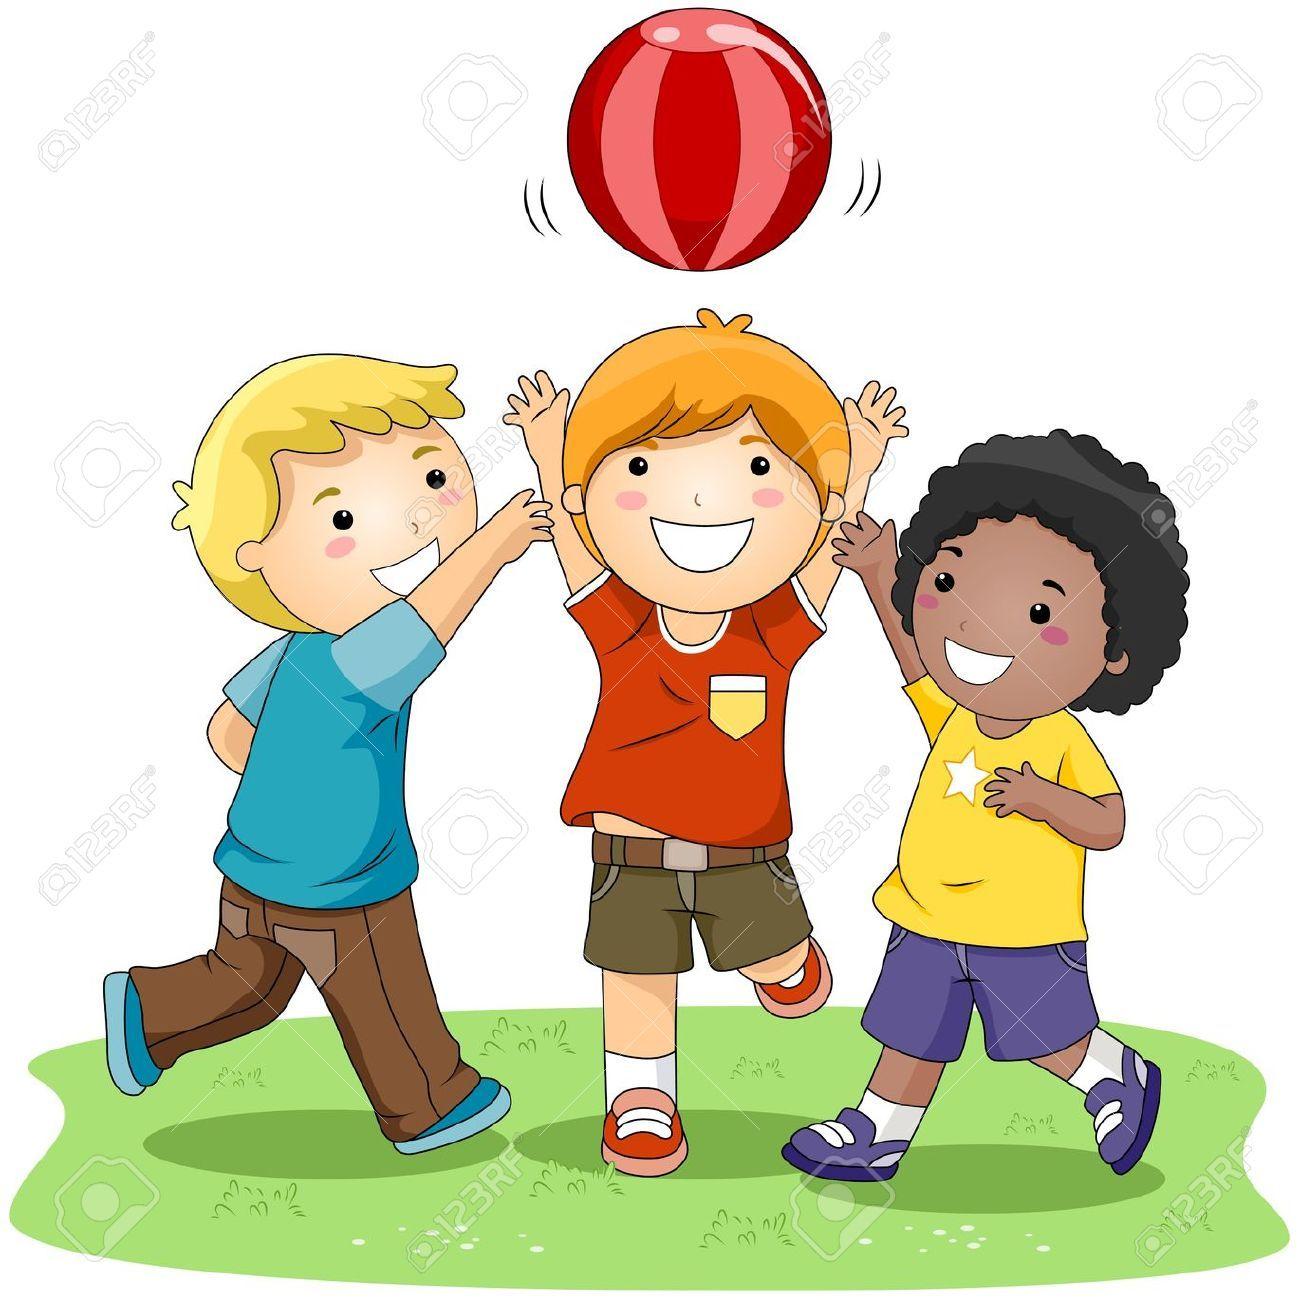 dibujos de niños jugando futbol a color - Cerca amb Google ...